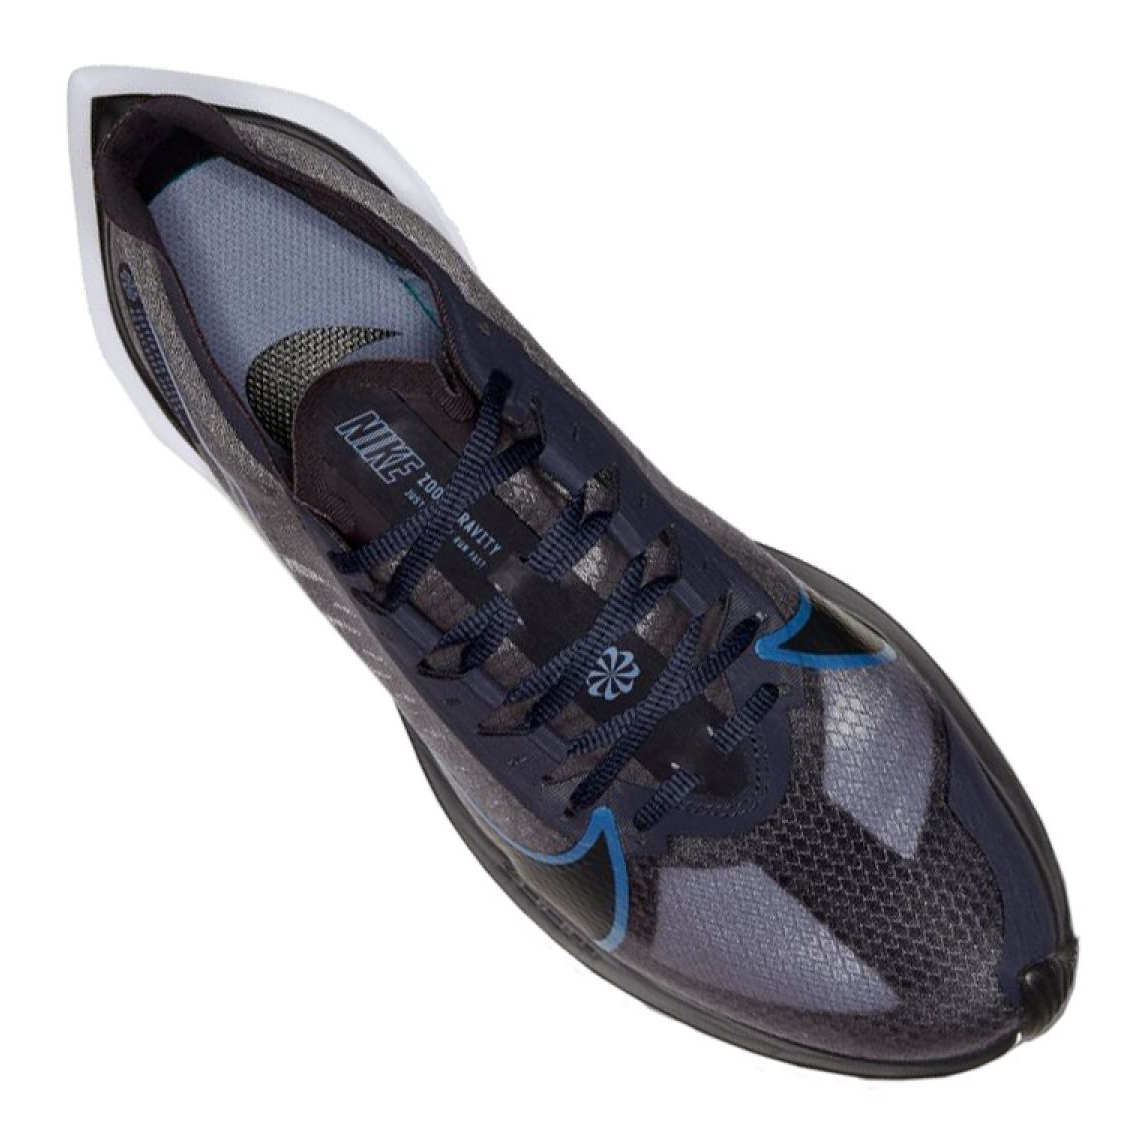 Sapatilhas Nike Zoom Gravity M BQ3202 007 cinza